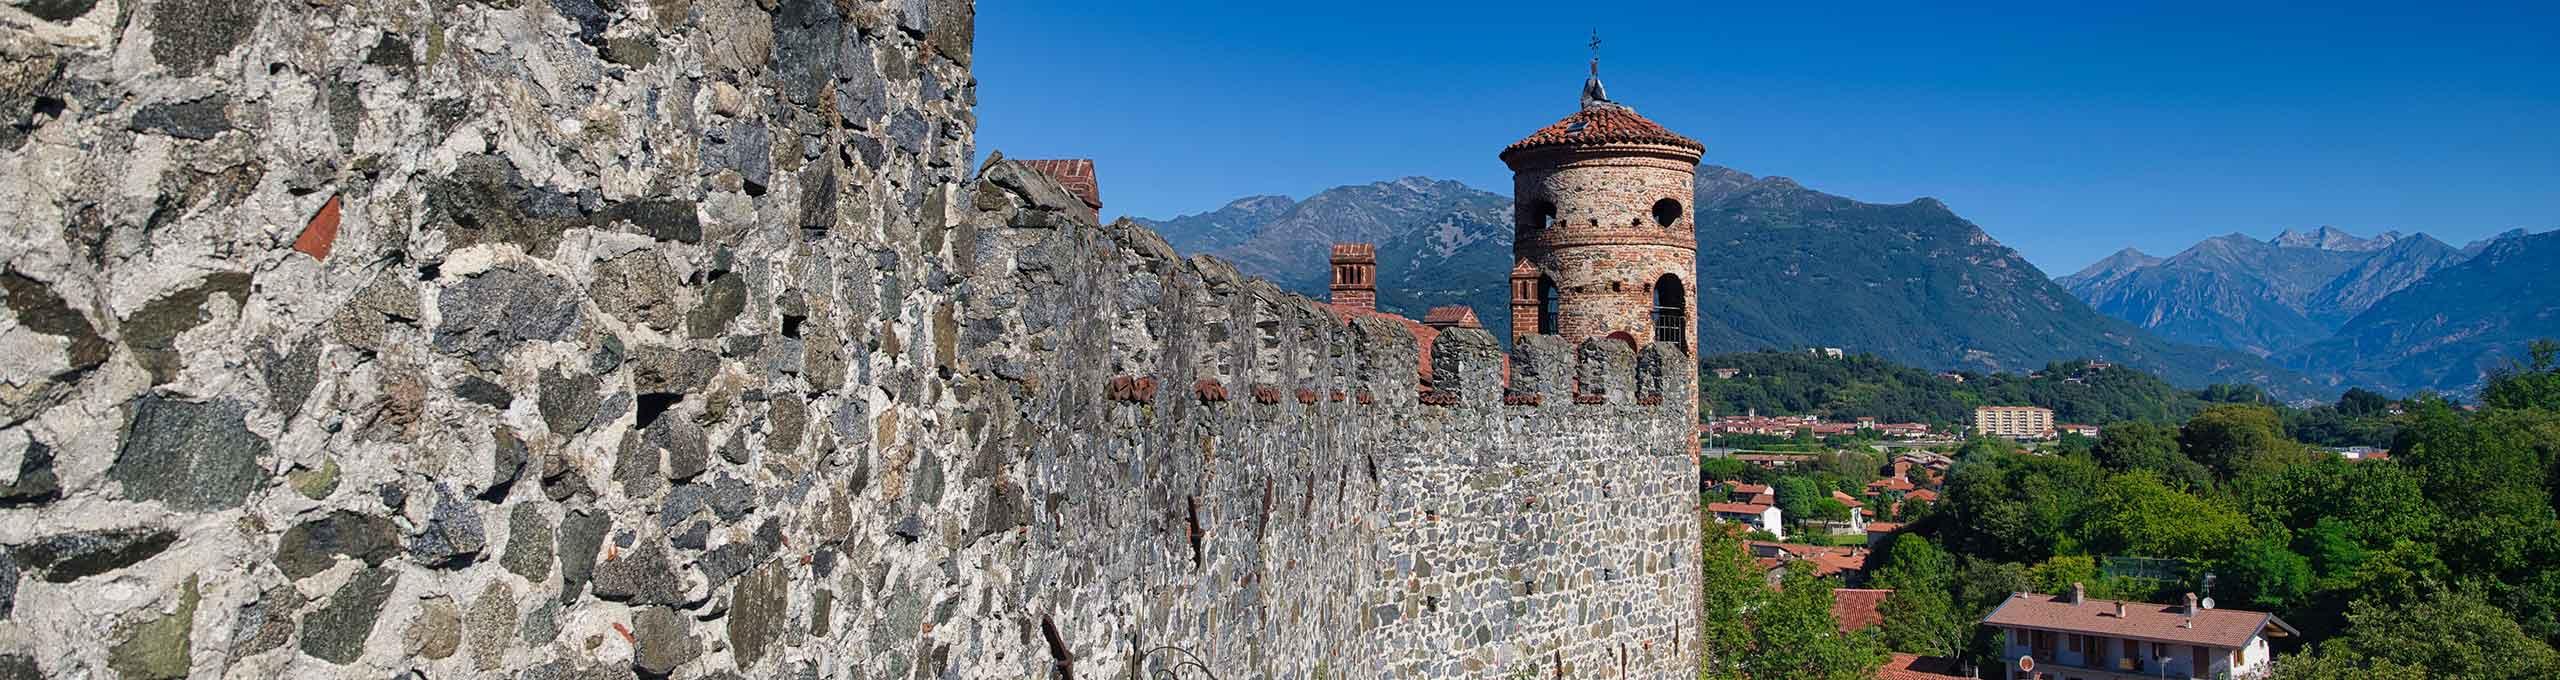 Pavone Canavese, Ivrea e Canavese, Castello di Pavone